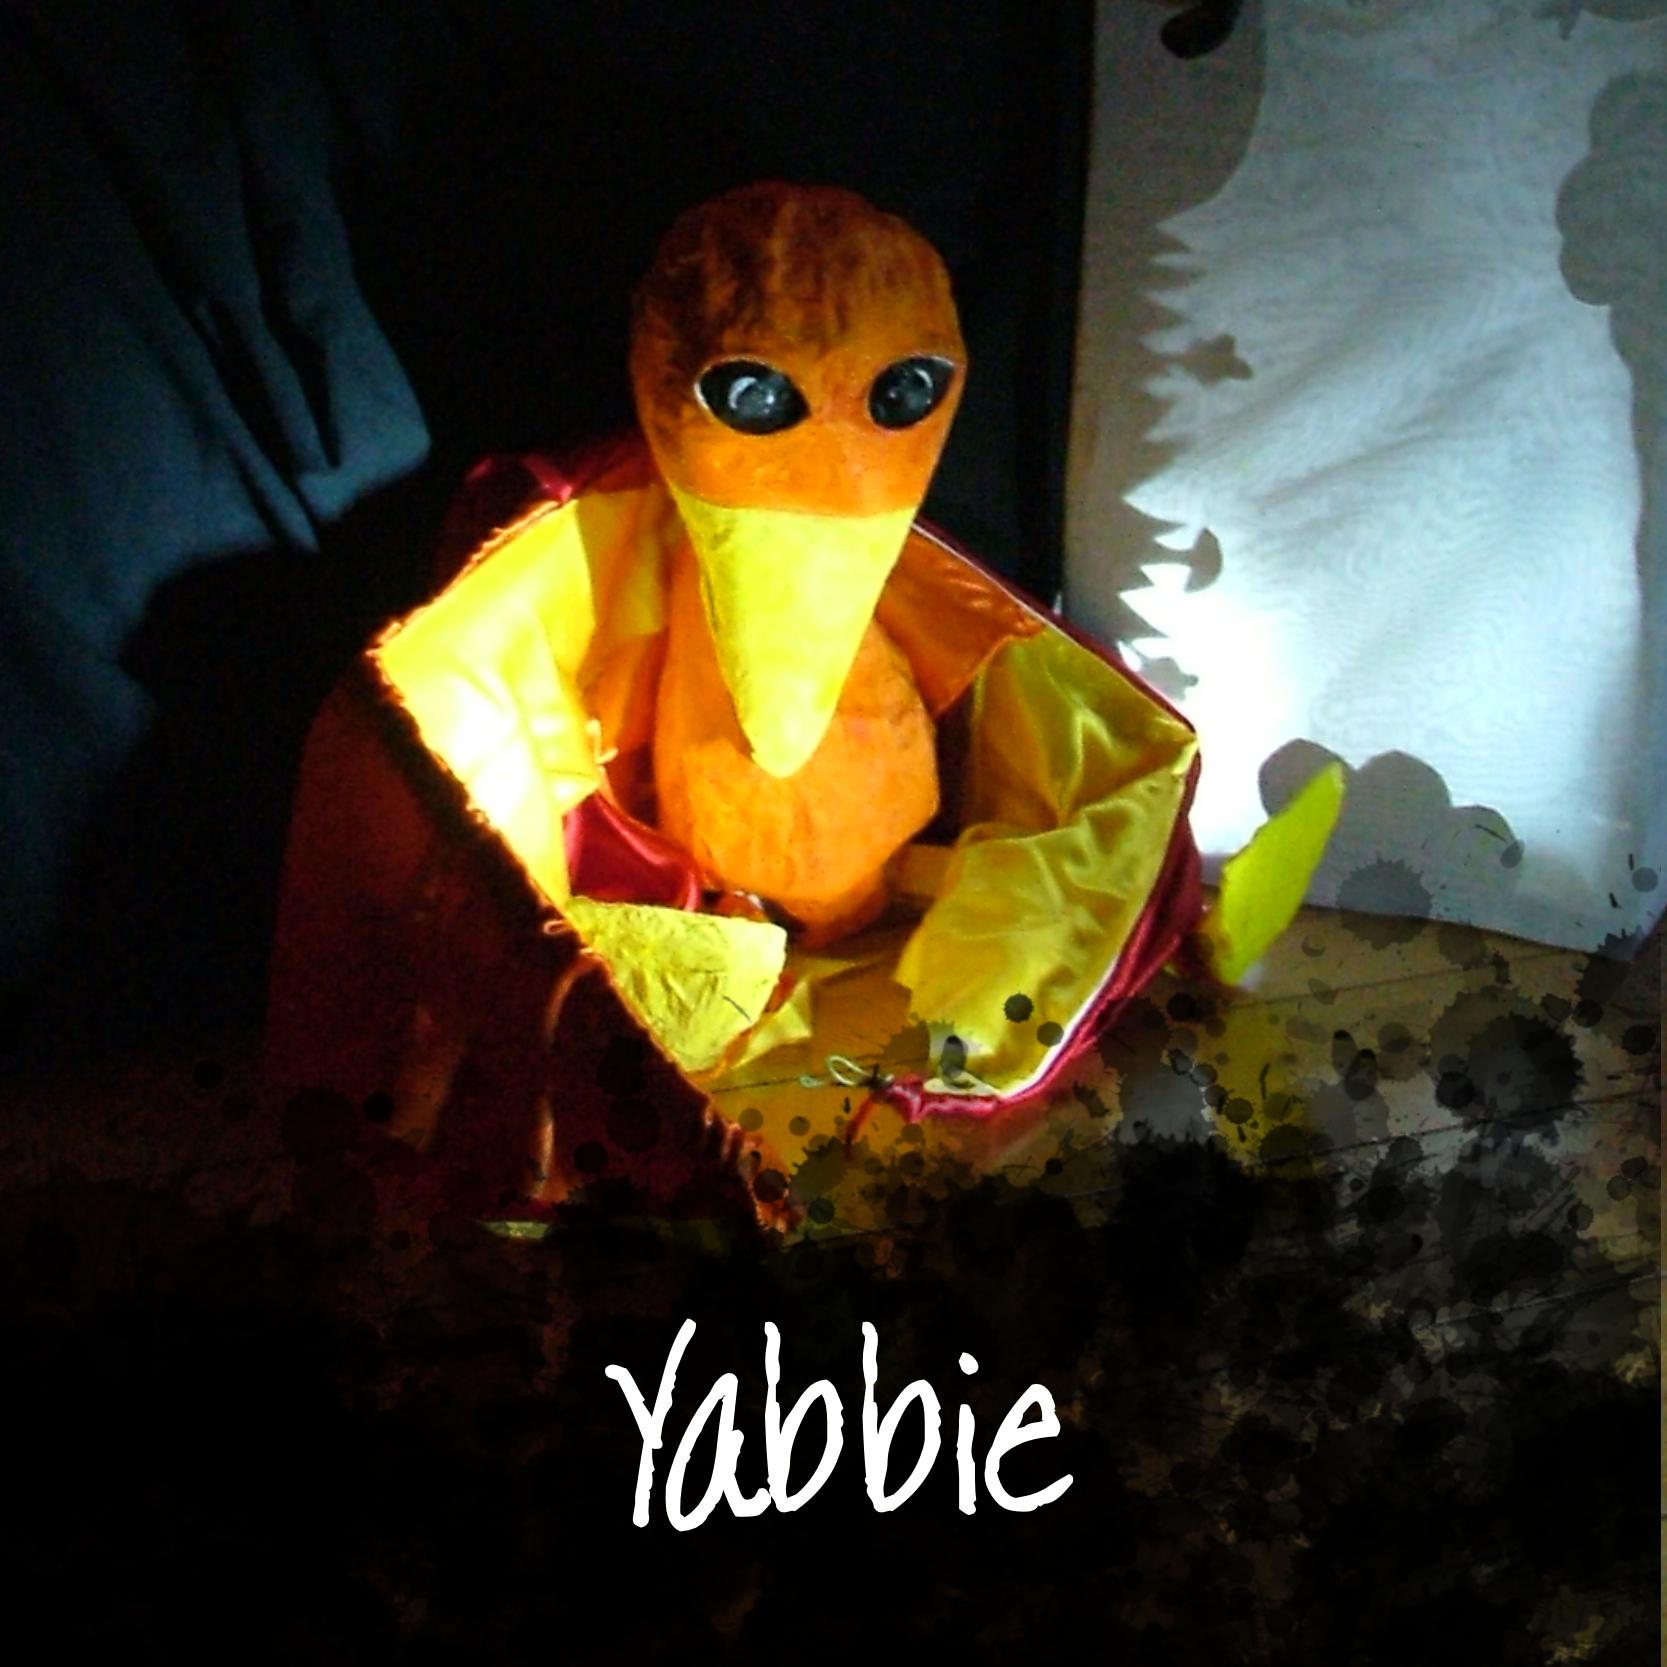 Yabbie